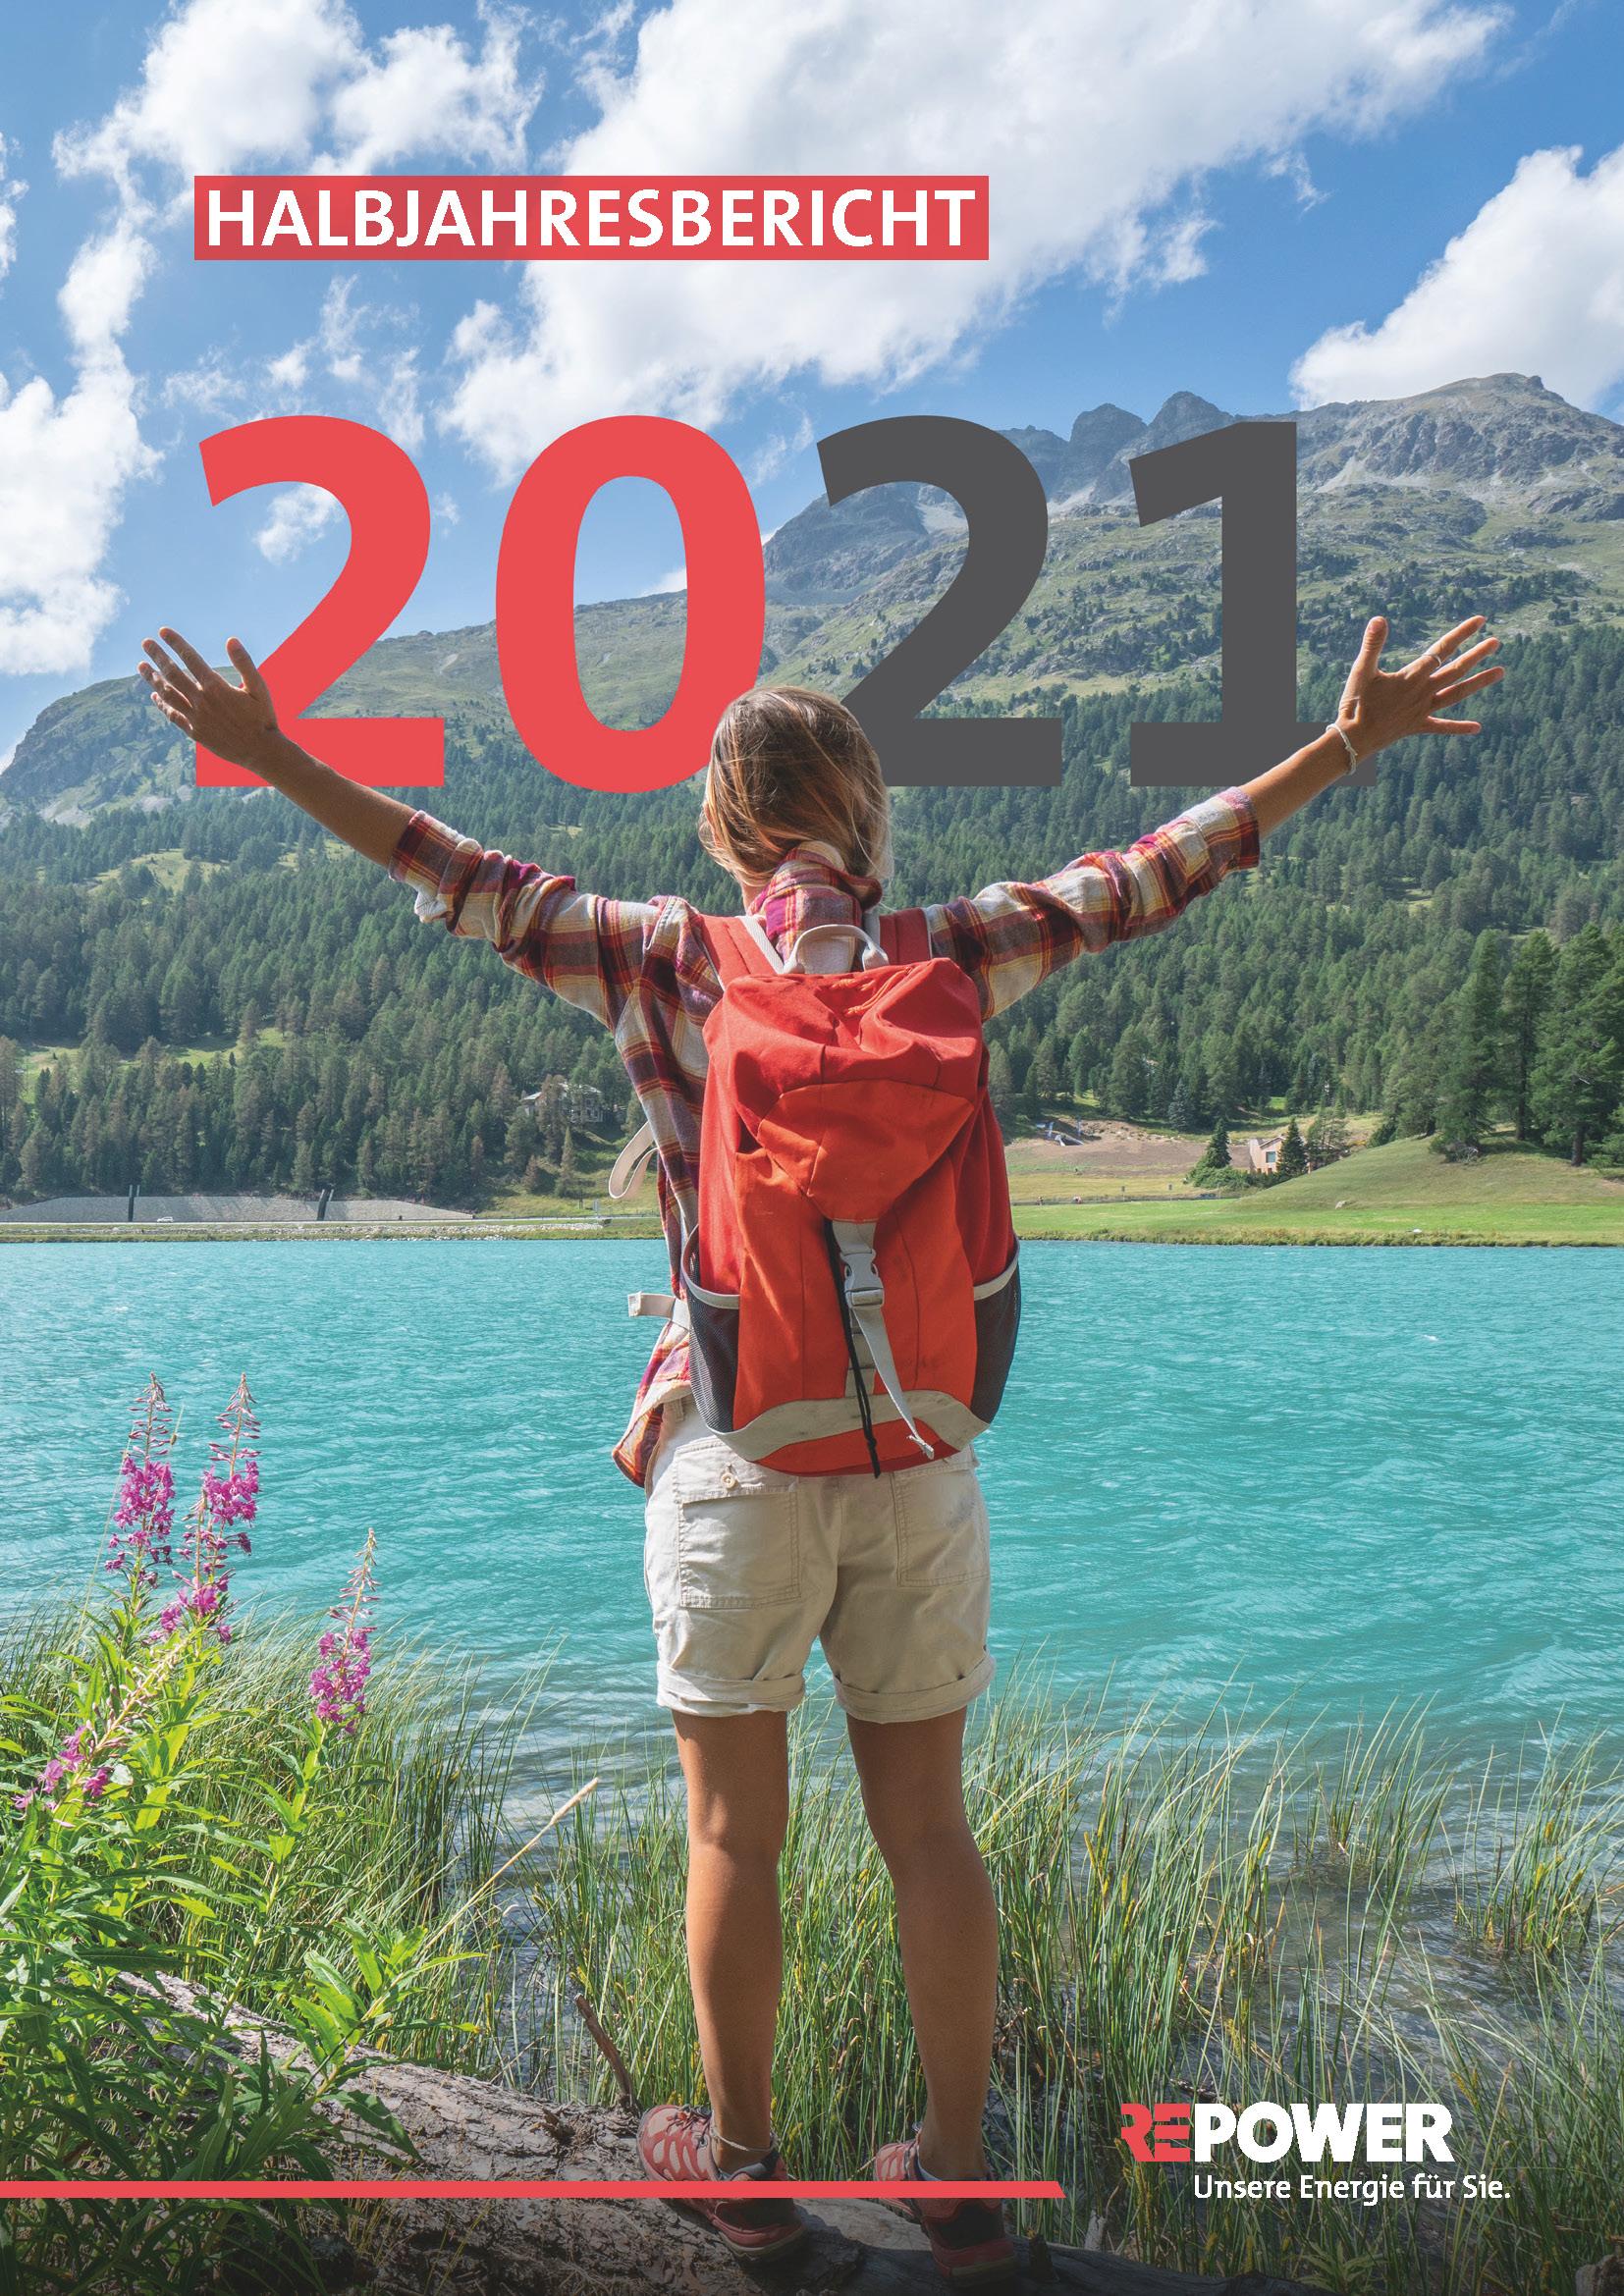 Halbjahresbericht 2021 – vollständige Version preview